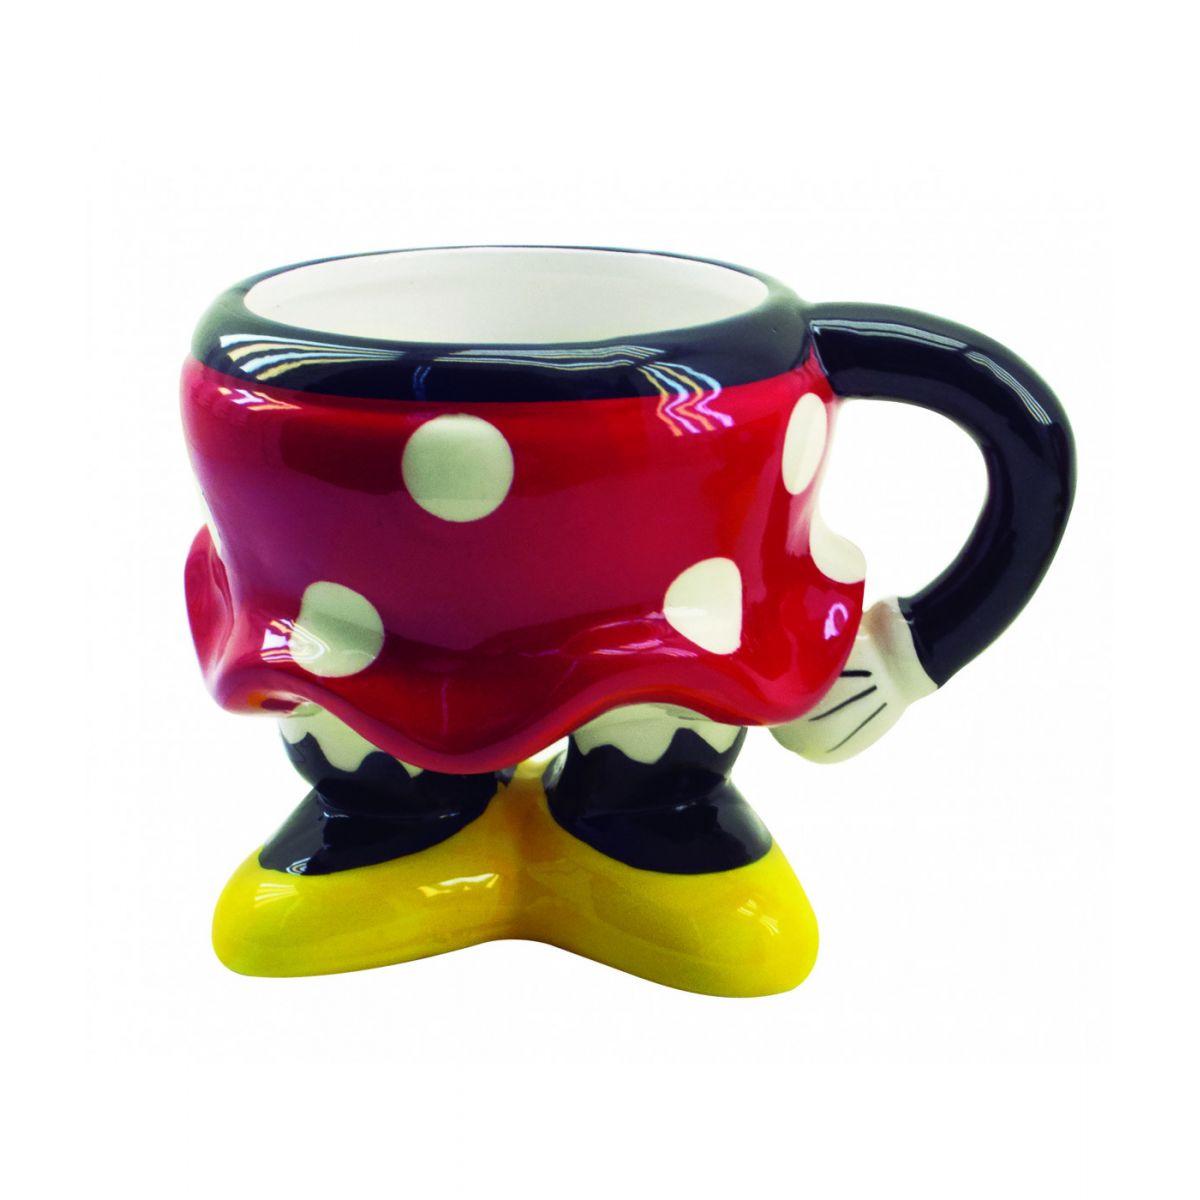 Enfeite de Porcelana / Caneca 3D Corpo Minnie Mouse: Disney